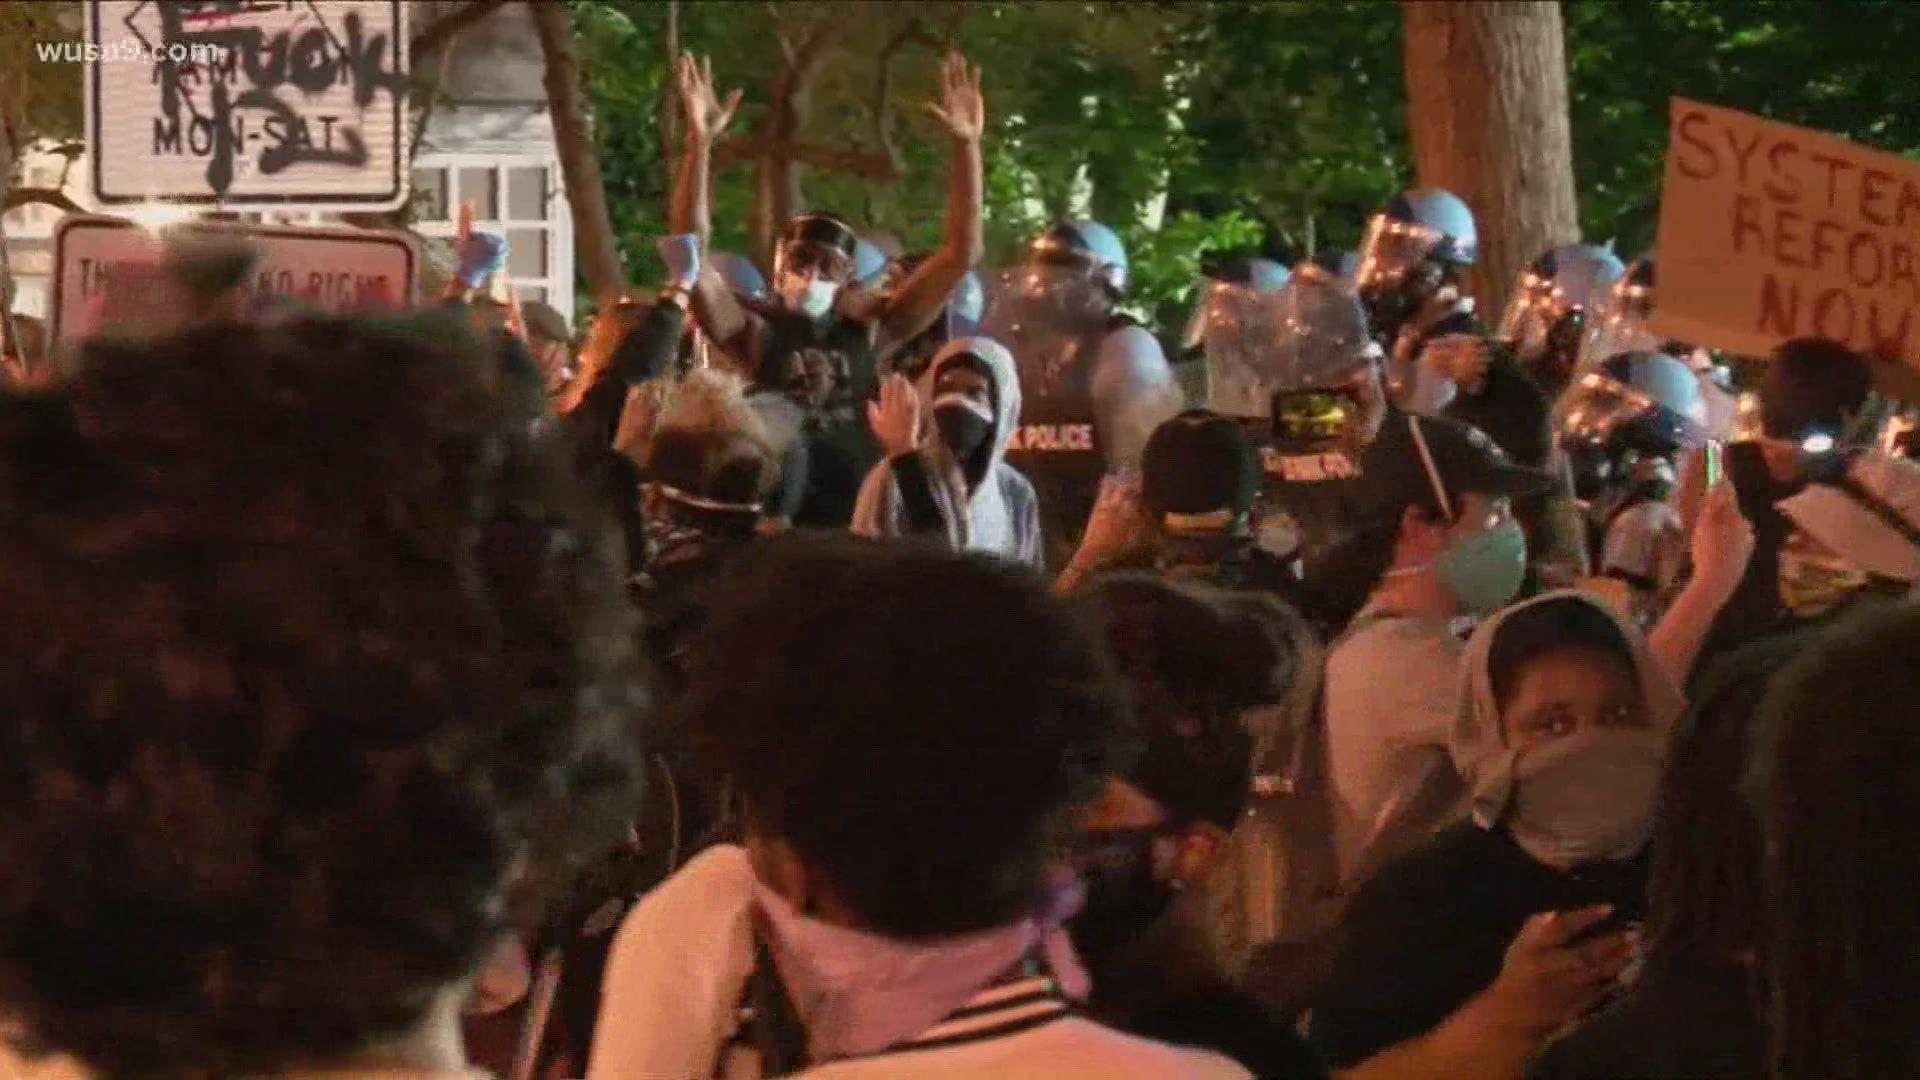 Caso George Floyd morto 1400 arresti durante proteste scontri davanti alla Casa Bianca